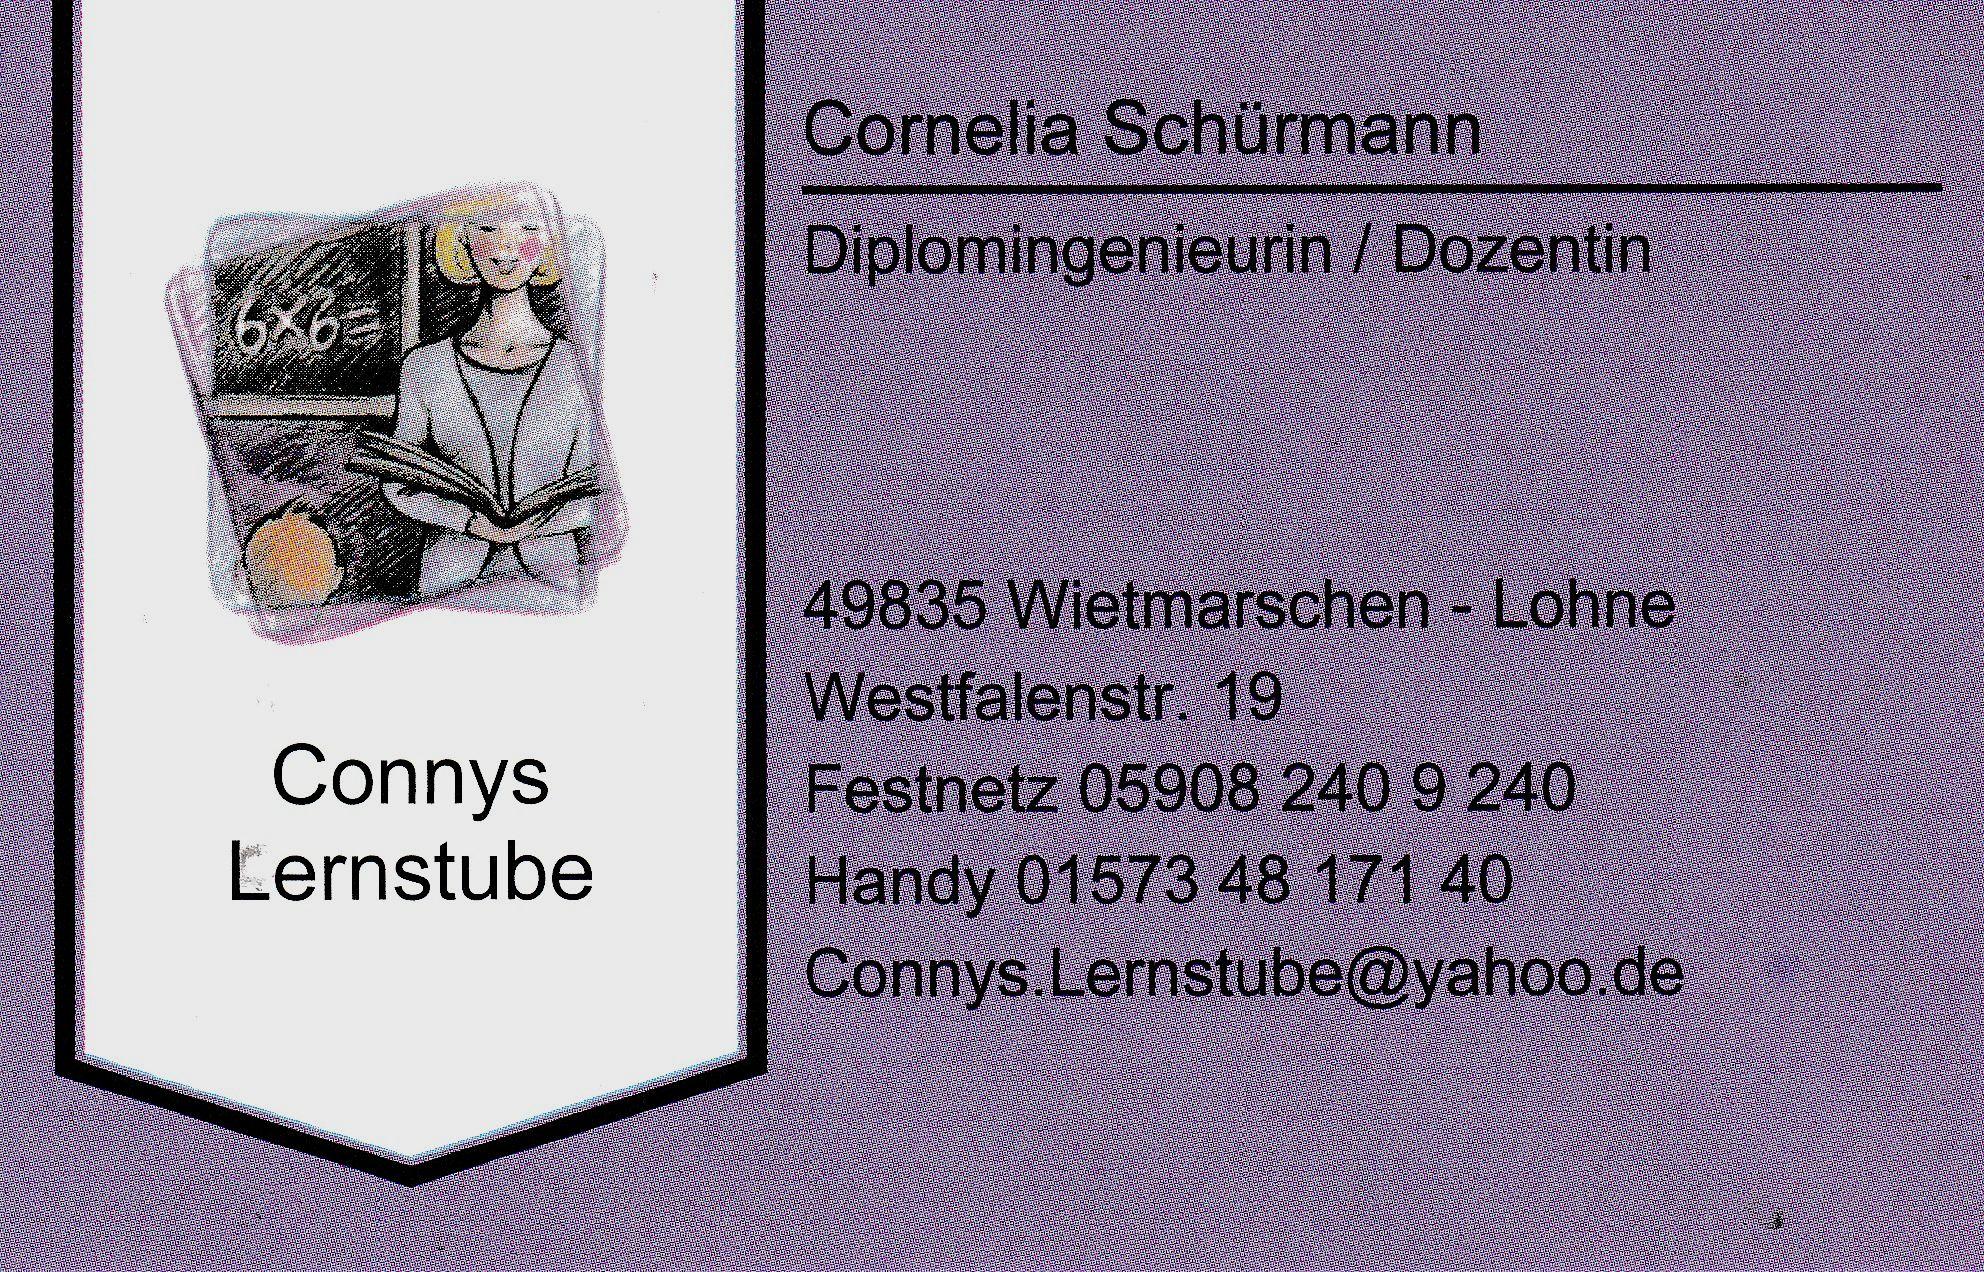 Connys Lernstube